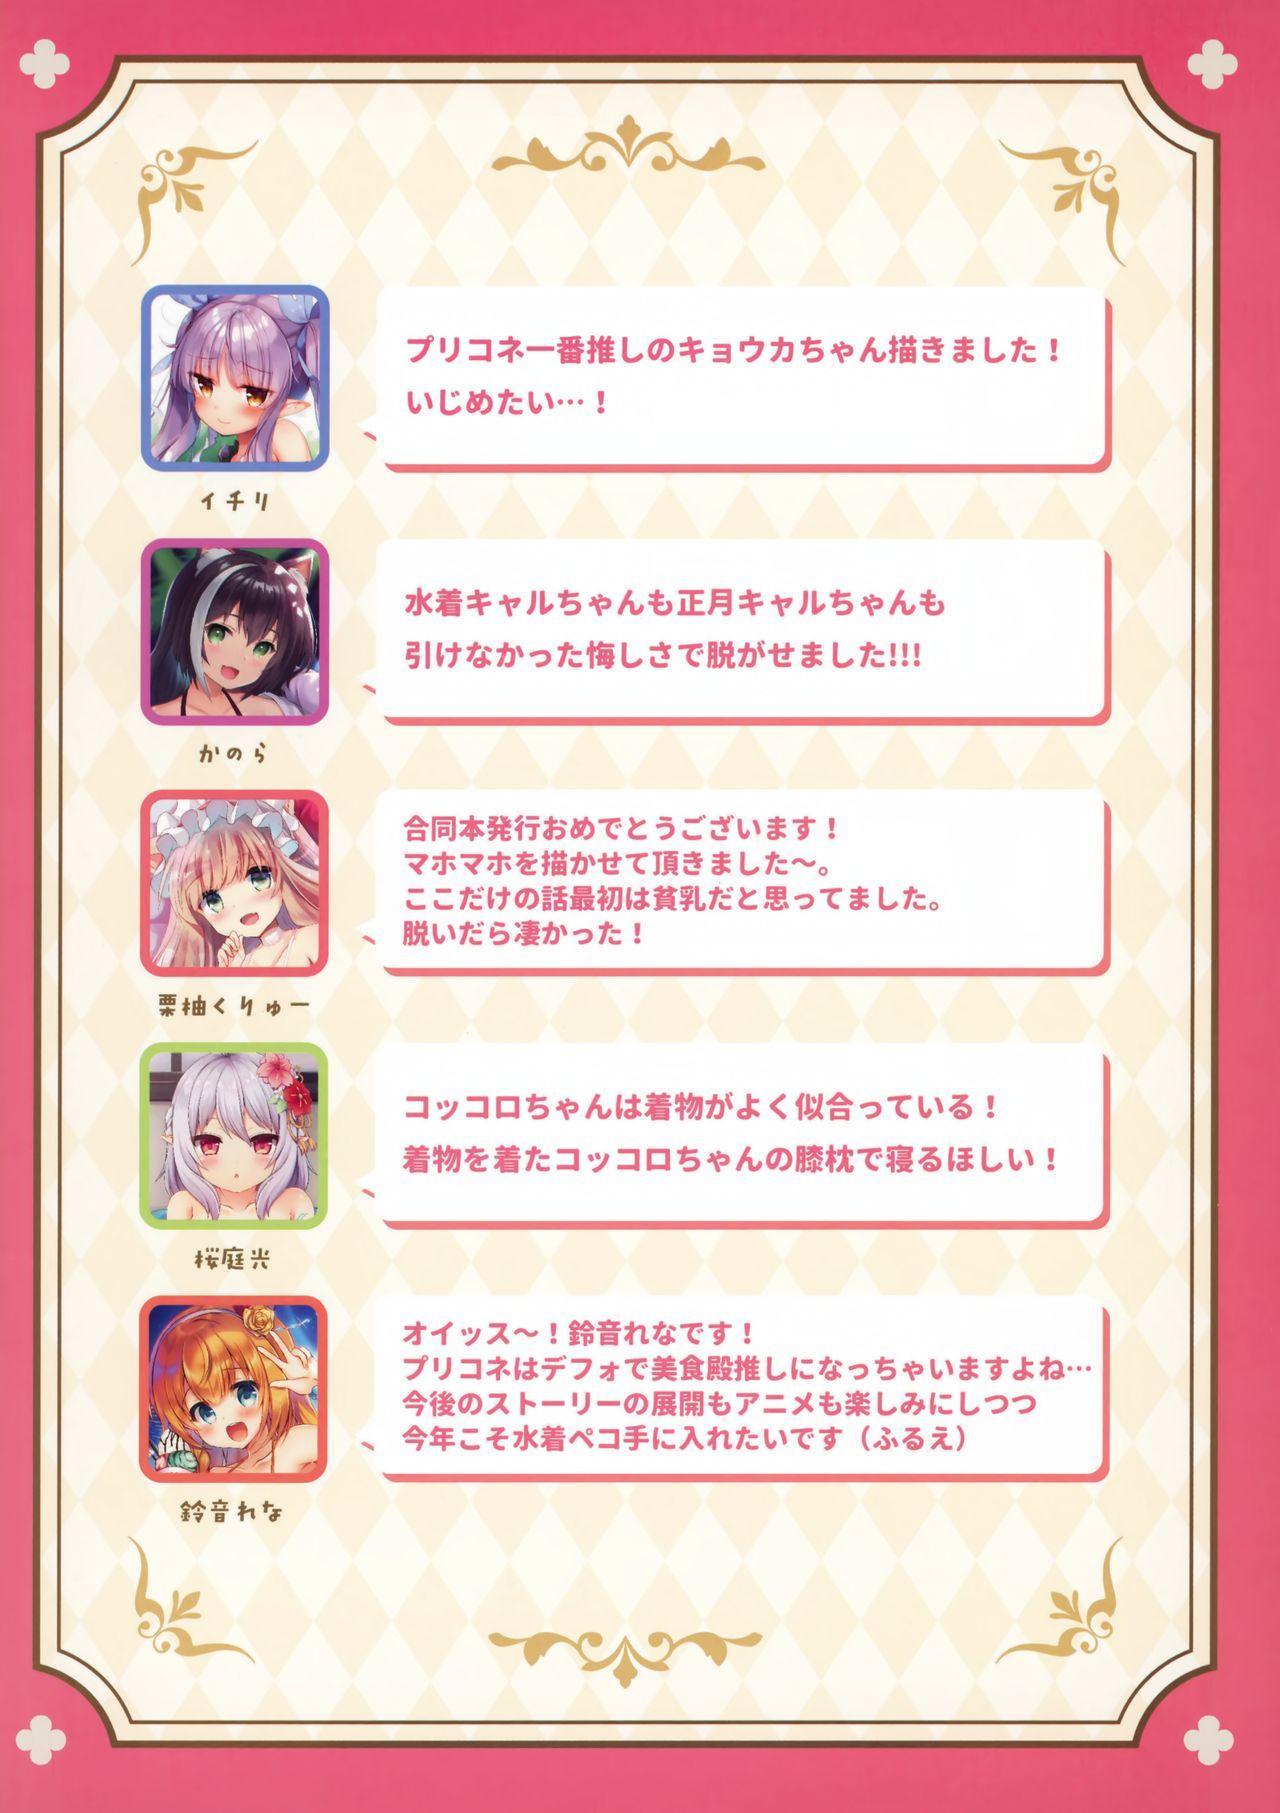 Secret+Princess 22